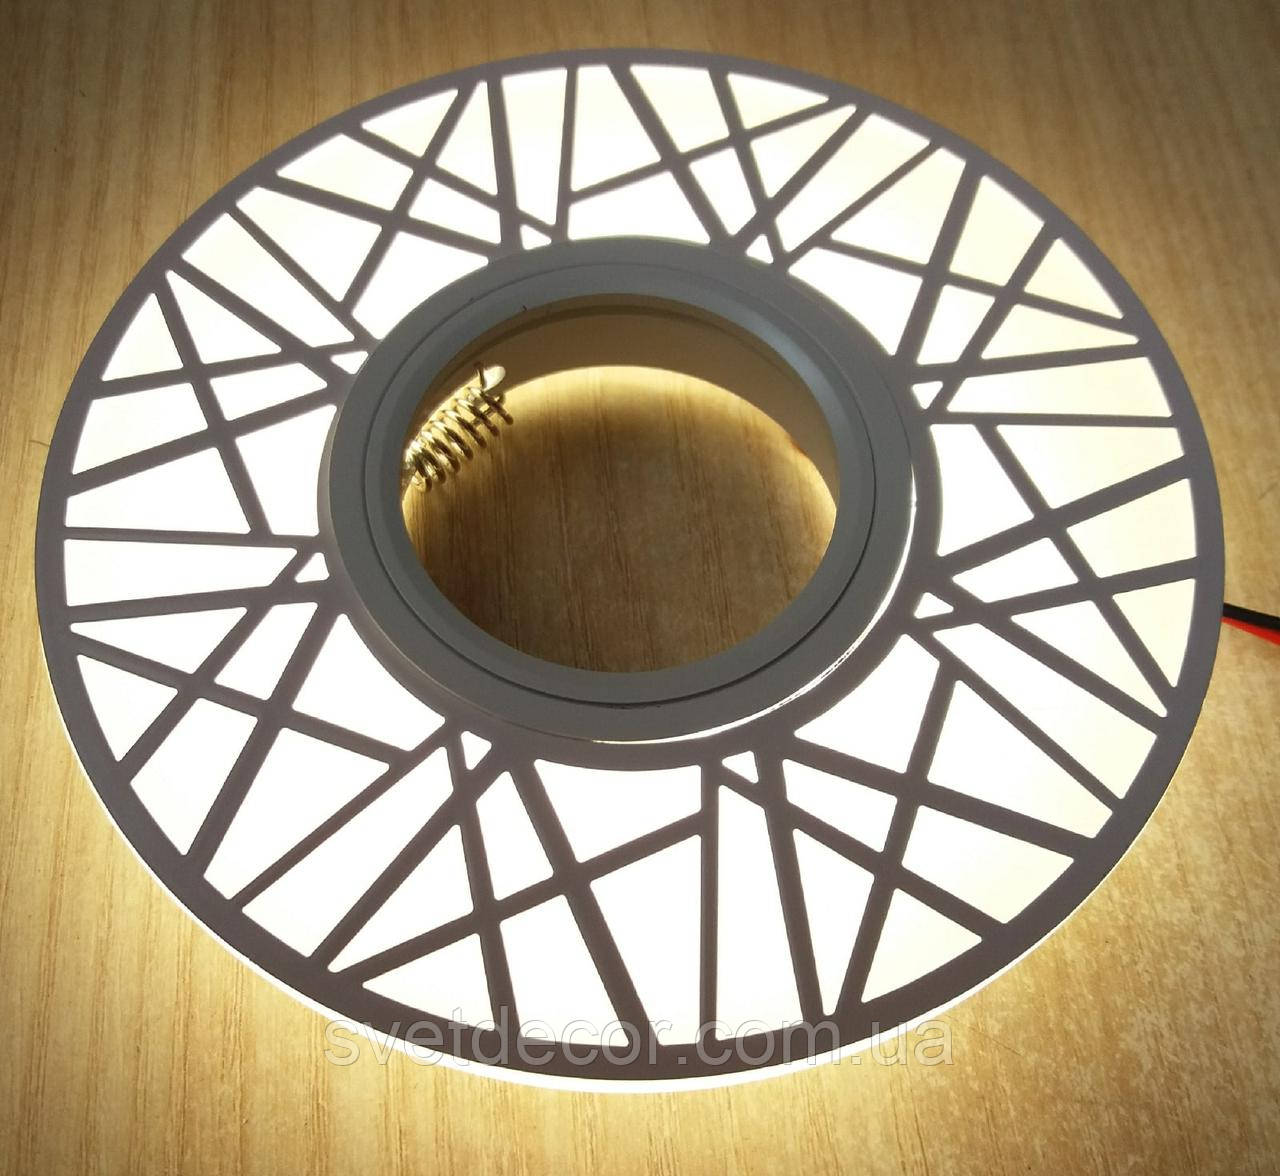 Светильник встраиваемый точечный Feron CD991 с LED подсветкой